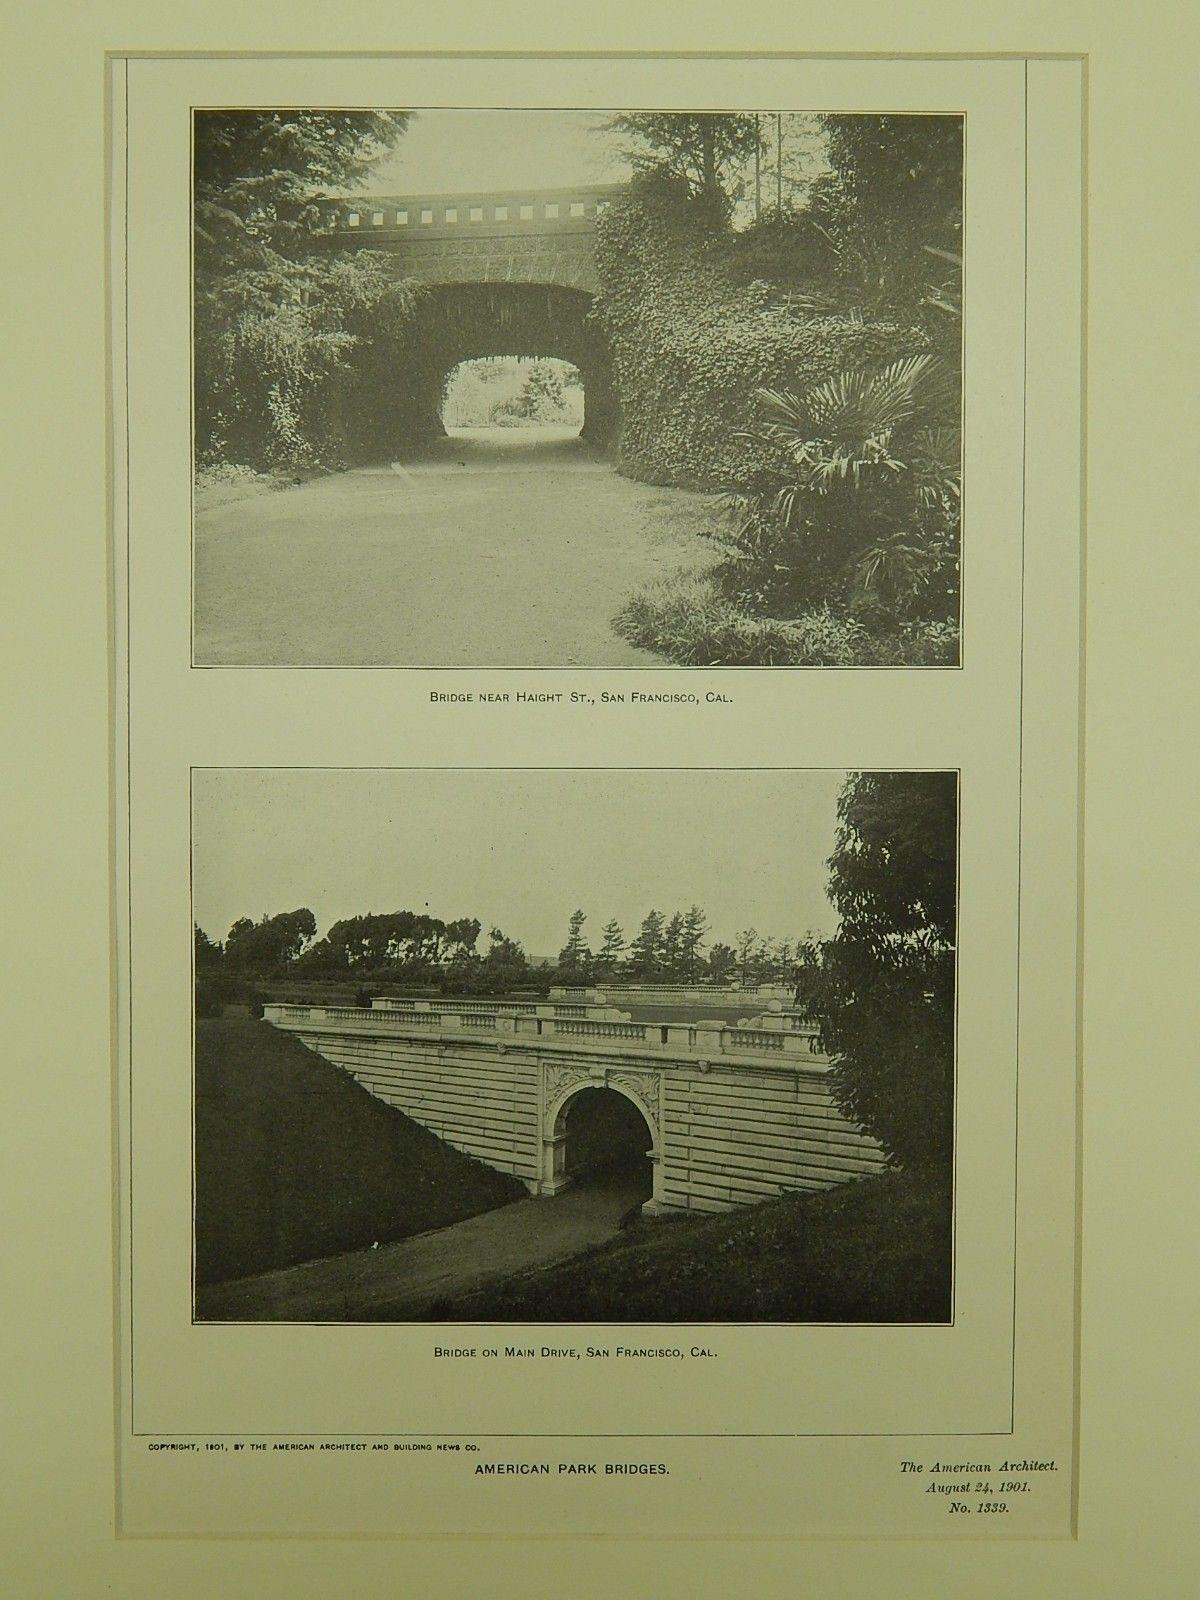 Park Bridges near Haight St. & Main Drive, San Francisco, CA, 1901, Lithograph.